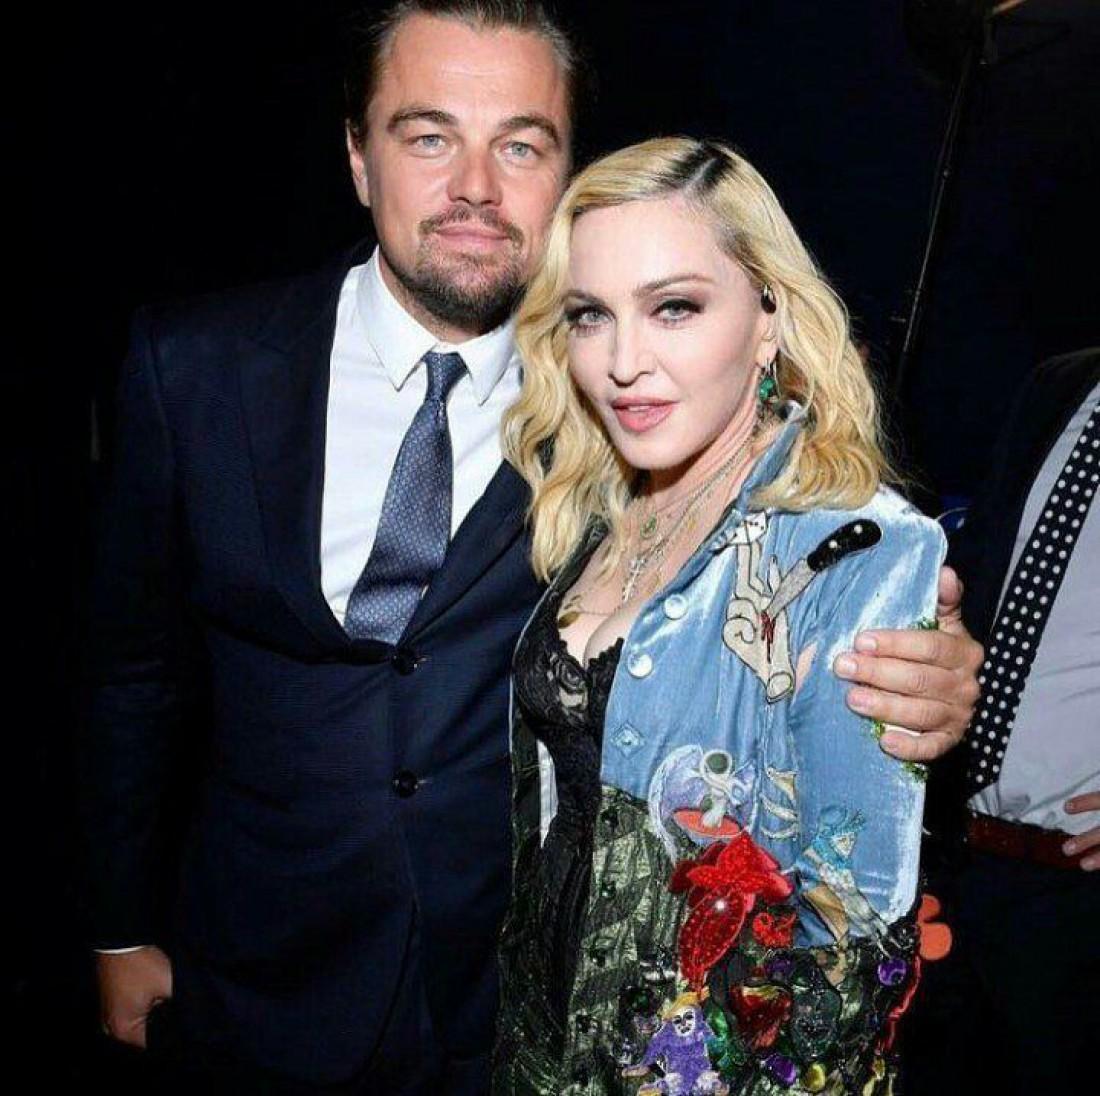 Леонардо Ди Каприо и Мадонна в Сен-Тропе